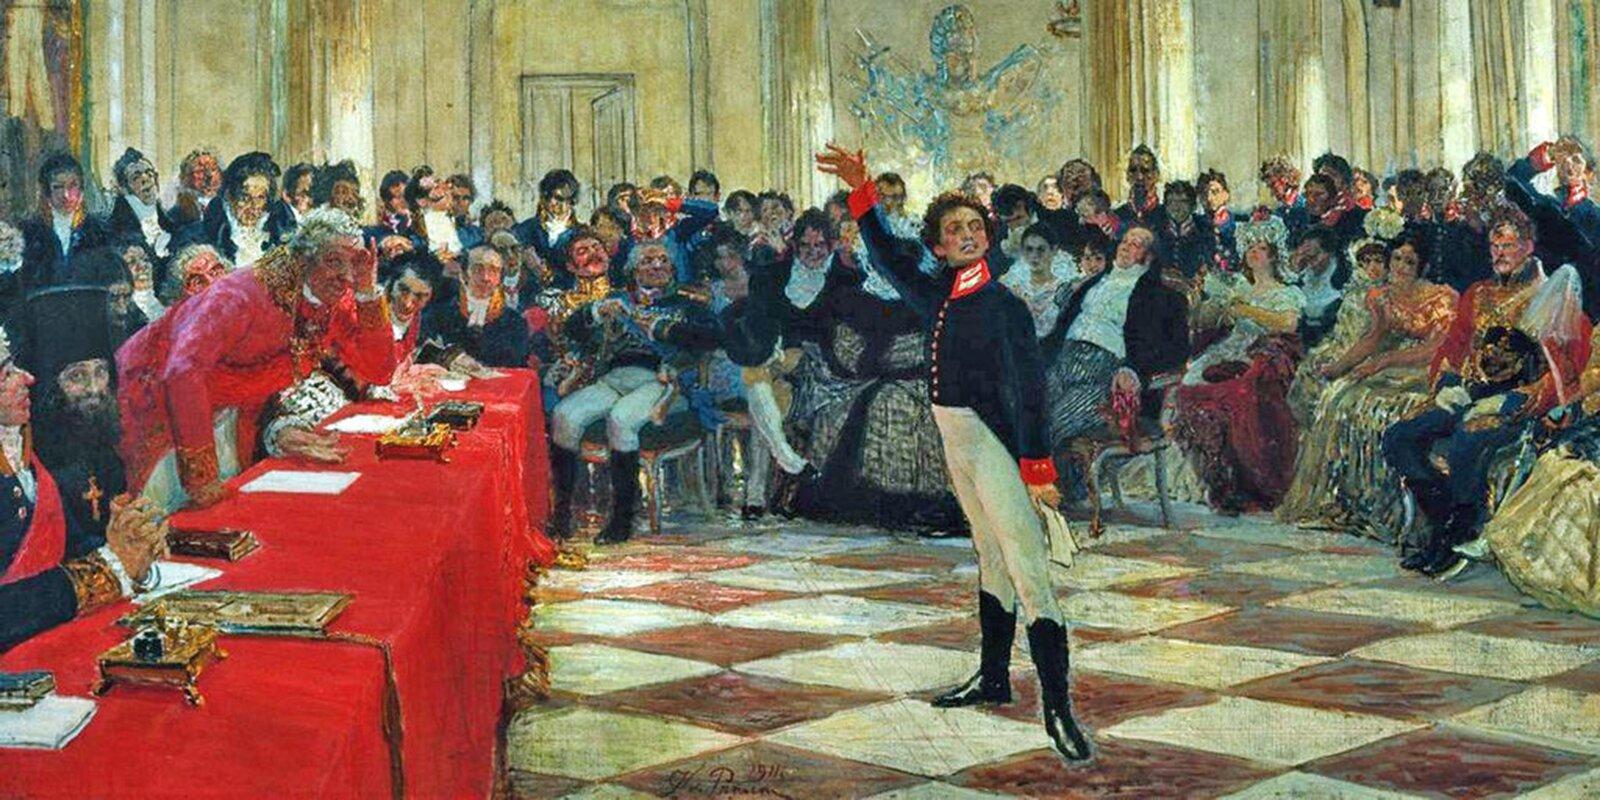 К 222-летию со дня рождения Пушкина: самые интересные материалы о поэте в библиотеке «МЭШ»